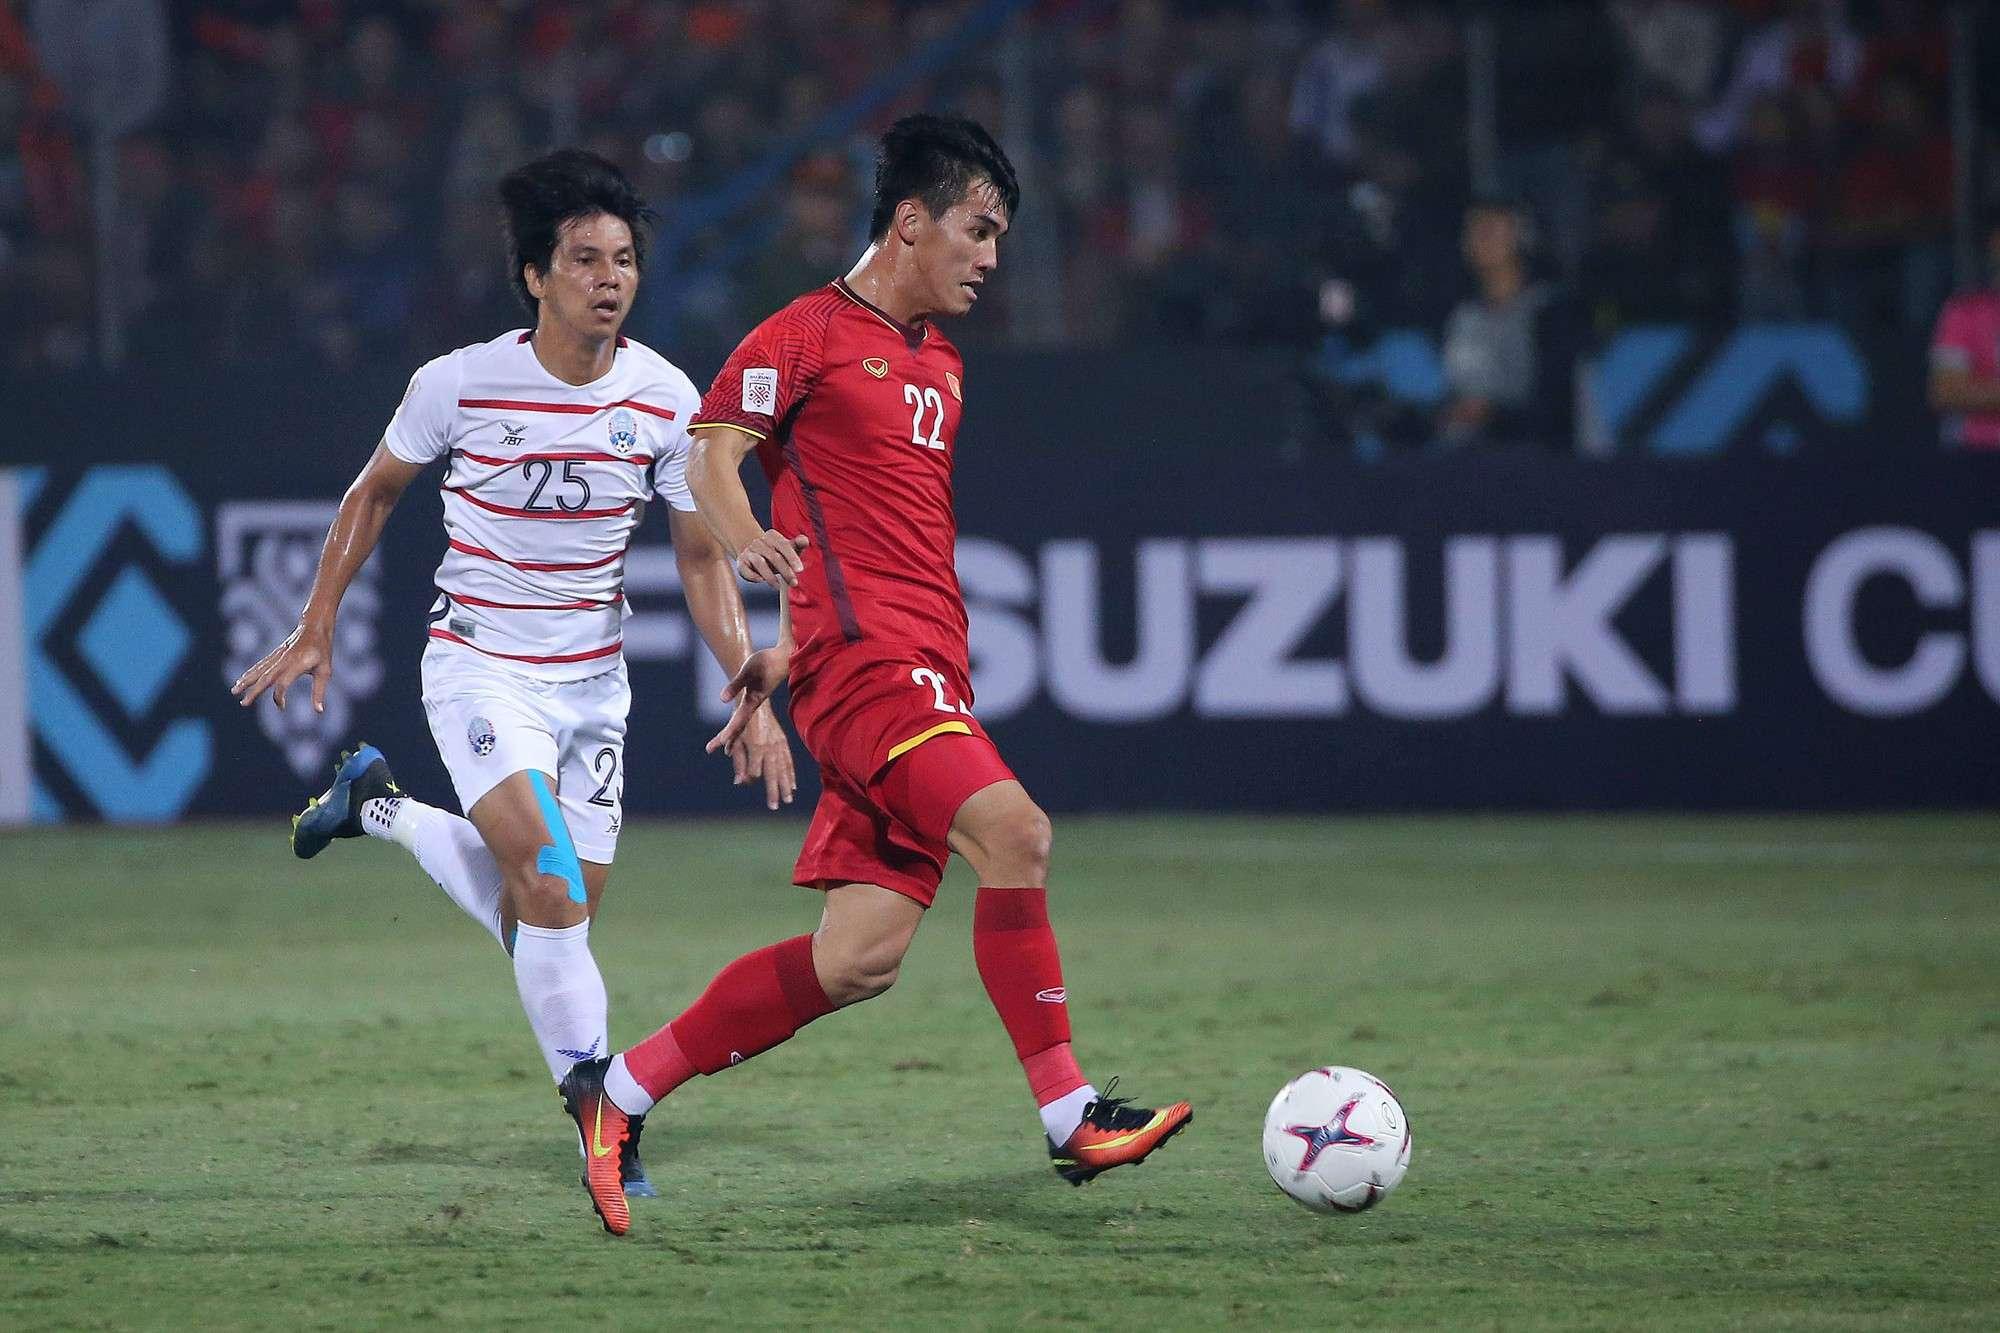 Tiến Linh là chân sút sáng giá để thay vị trí của Anh Đức trong đội tuyển Việt Nam